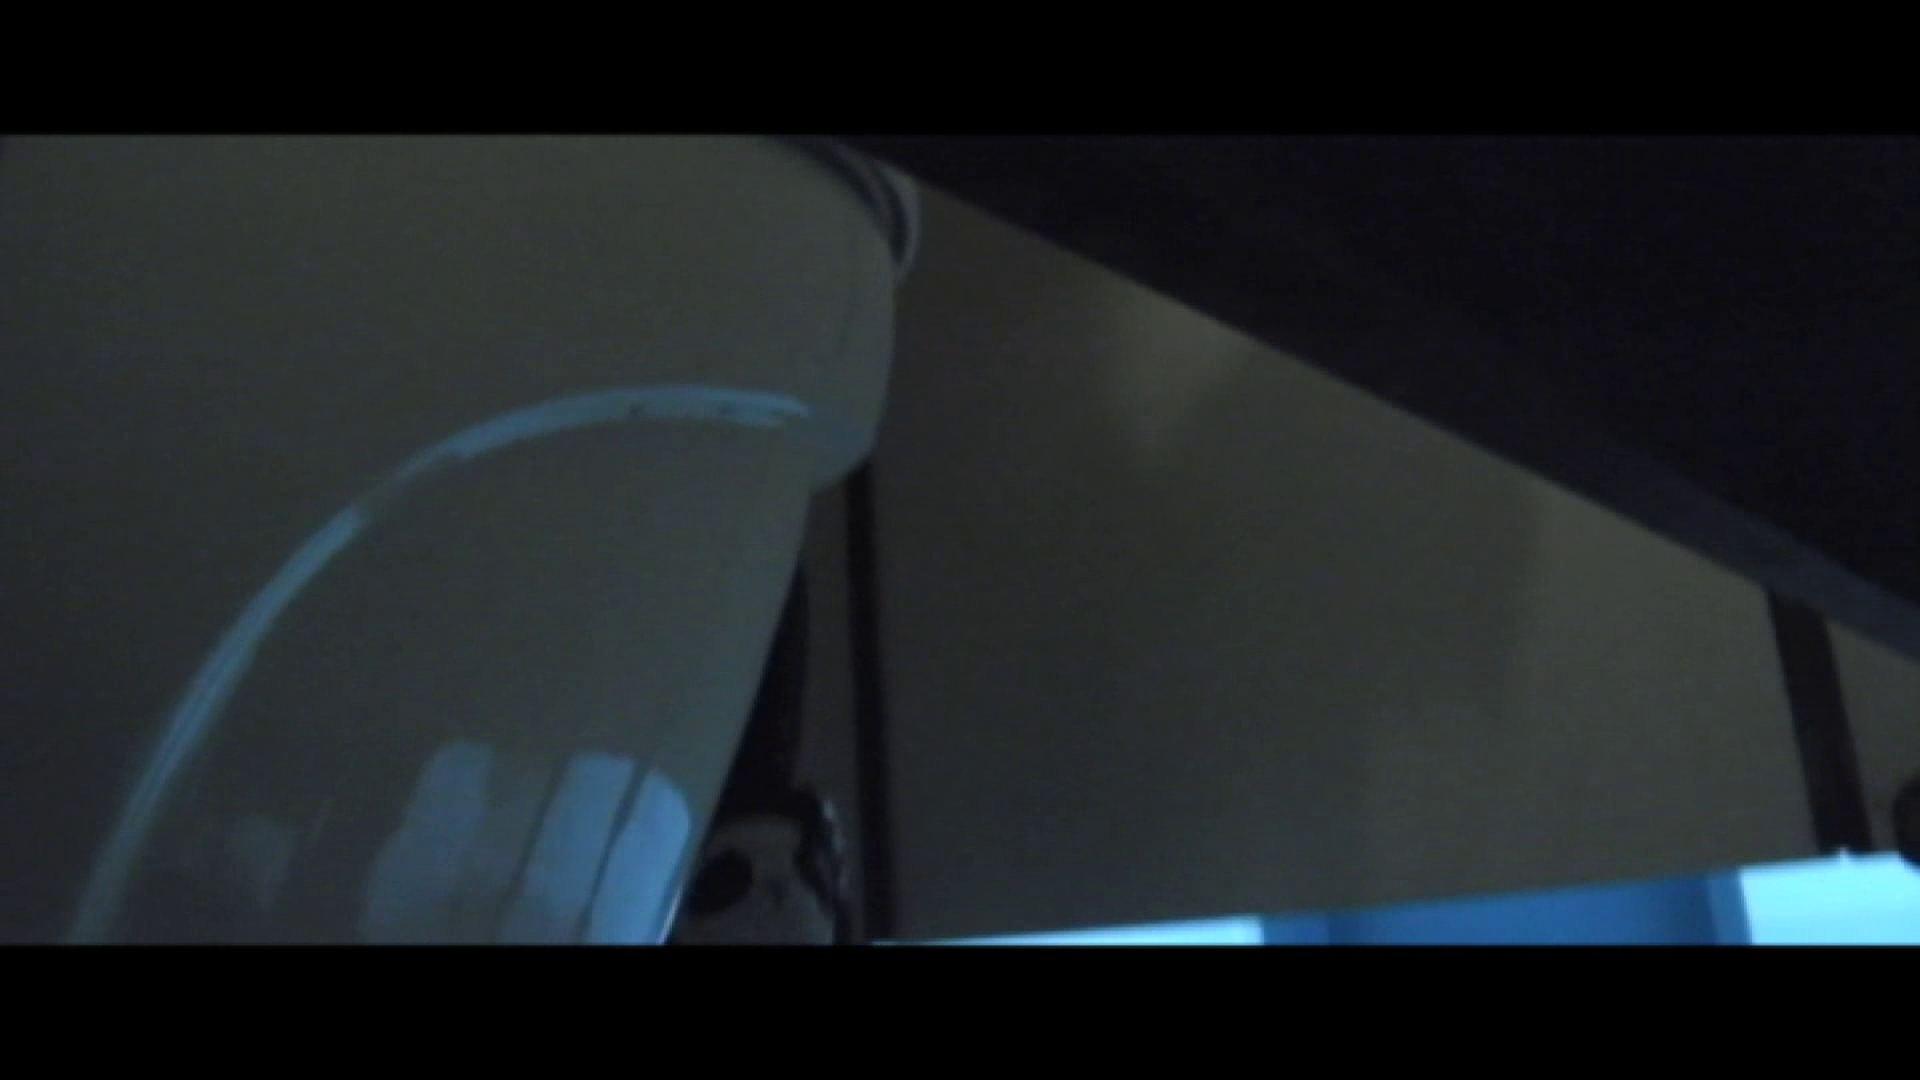 世界の射窓から vol.30 巨乳 すけべAV動画紹介 99枚 8